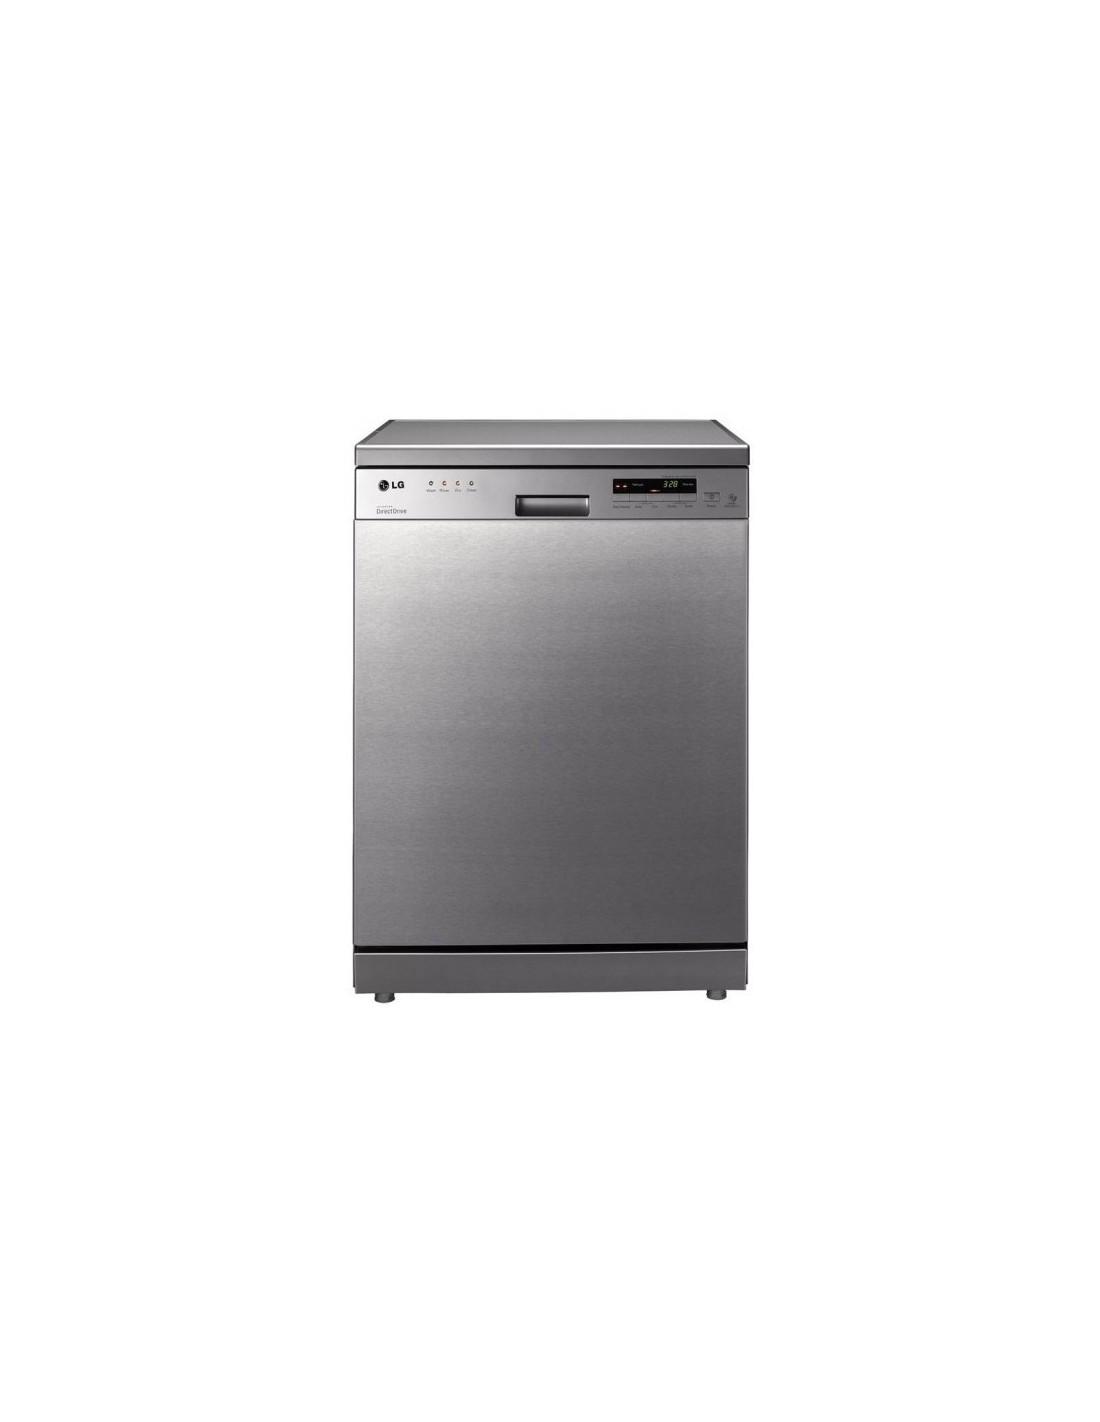 Meilleur lave vaisselle qualit prix appareils m nagers for Prix mini lave vaisselle